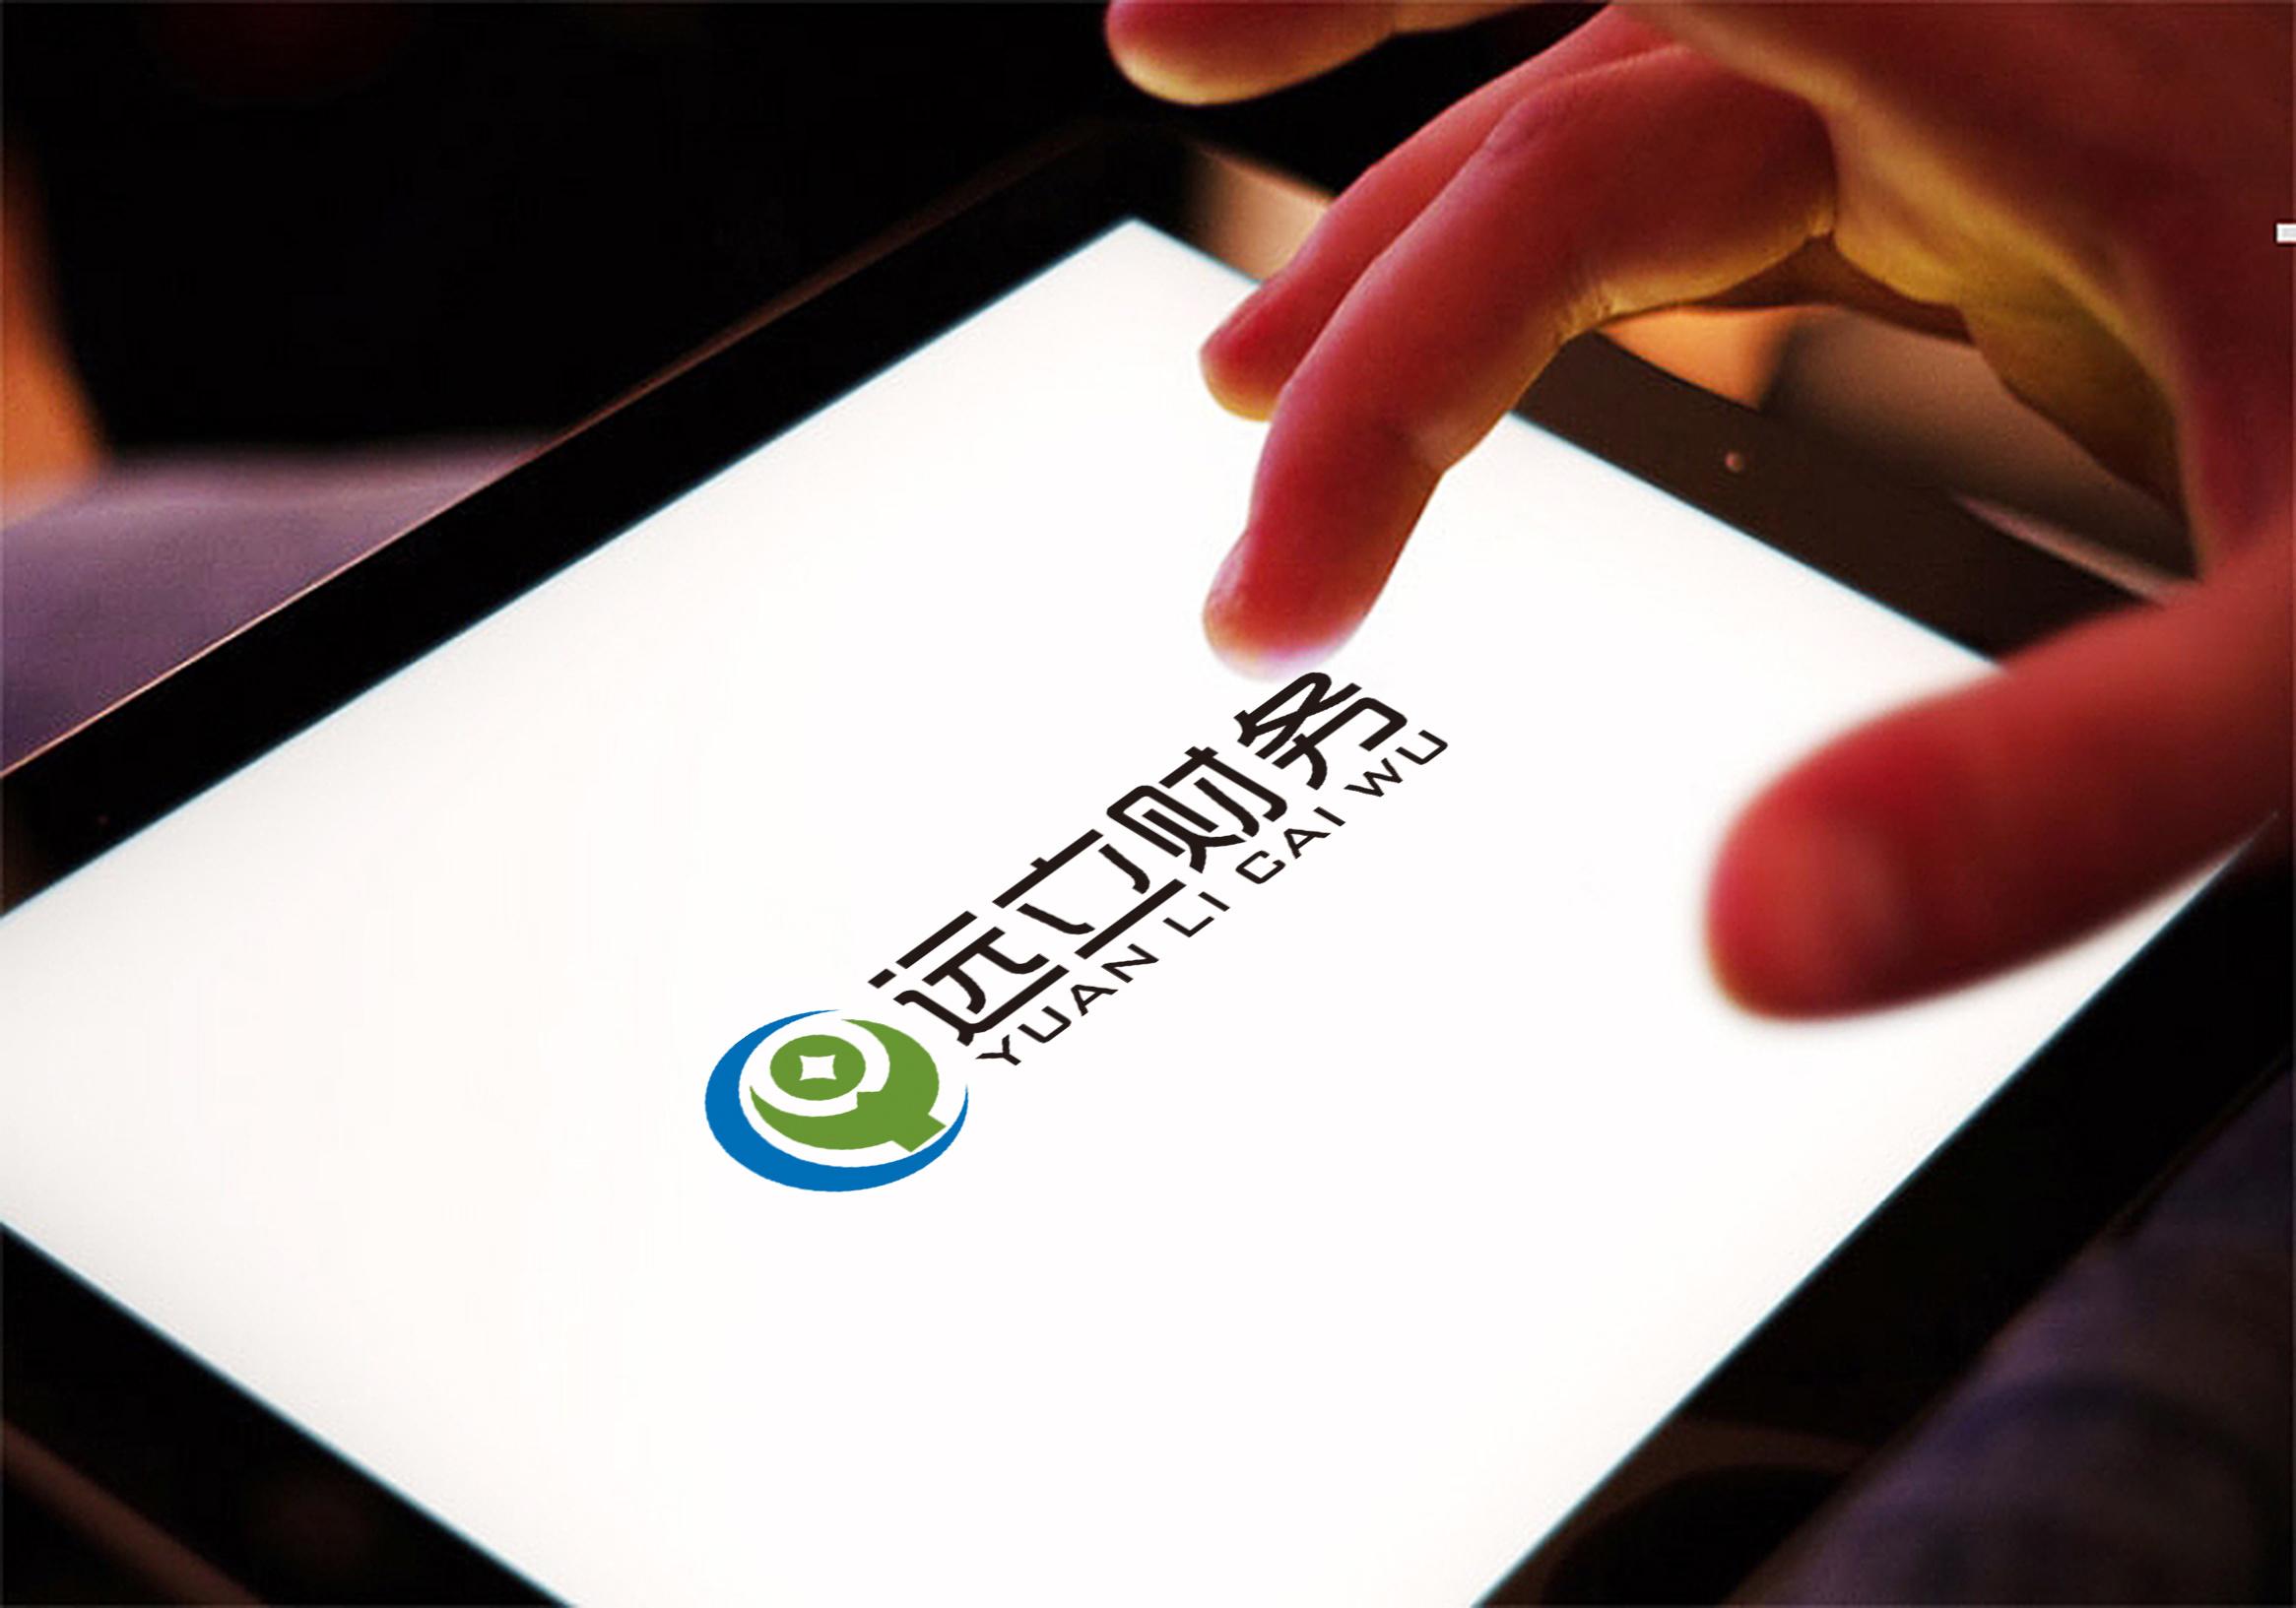 财务代账公司logo设计_3033358_k68威客网